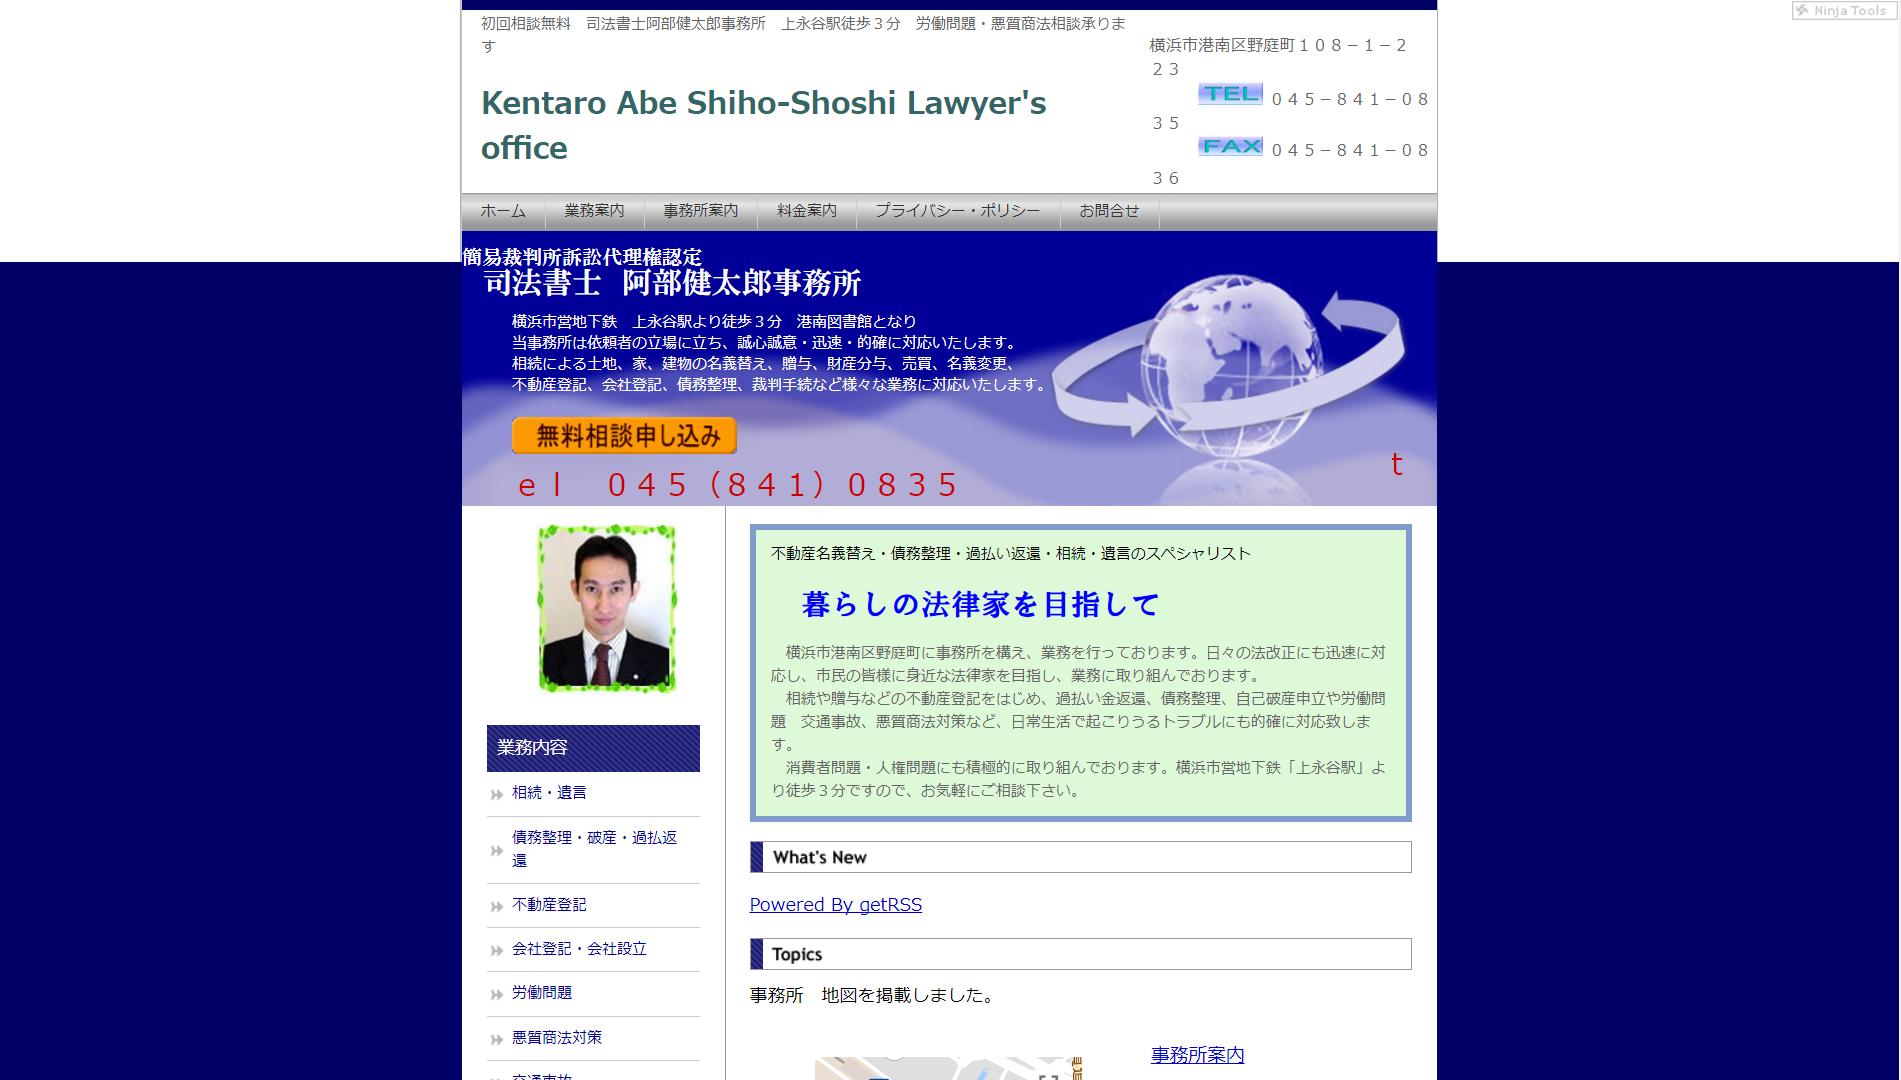 司法書士阿部健太郎事務所(神奈川県横浜市港南区)